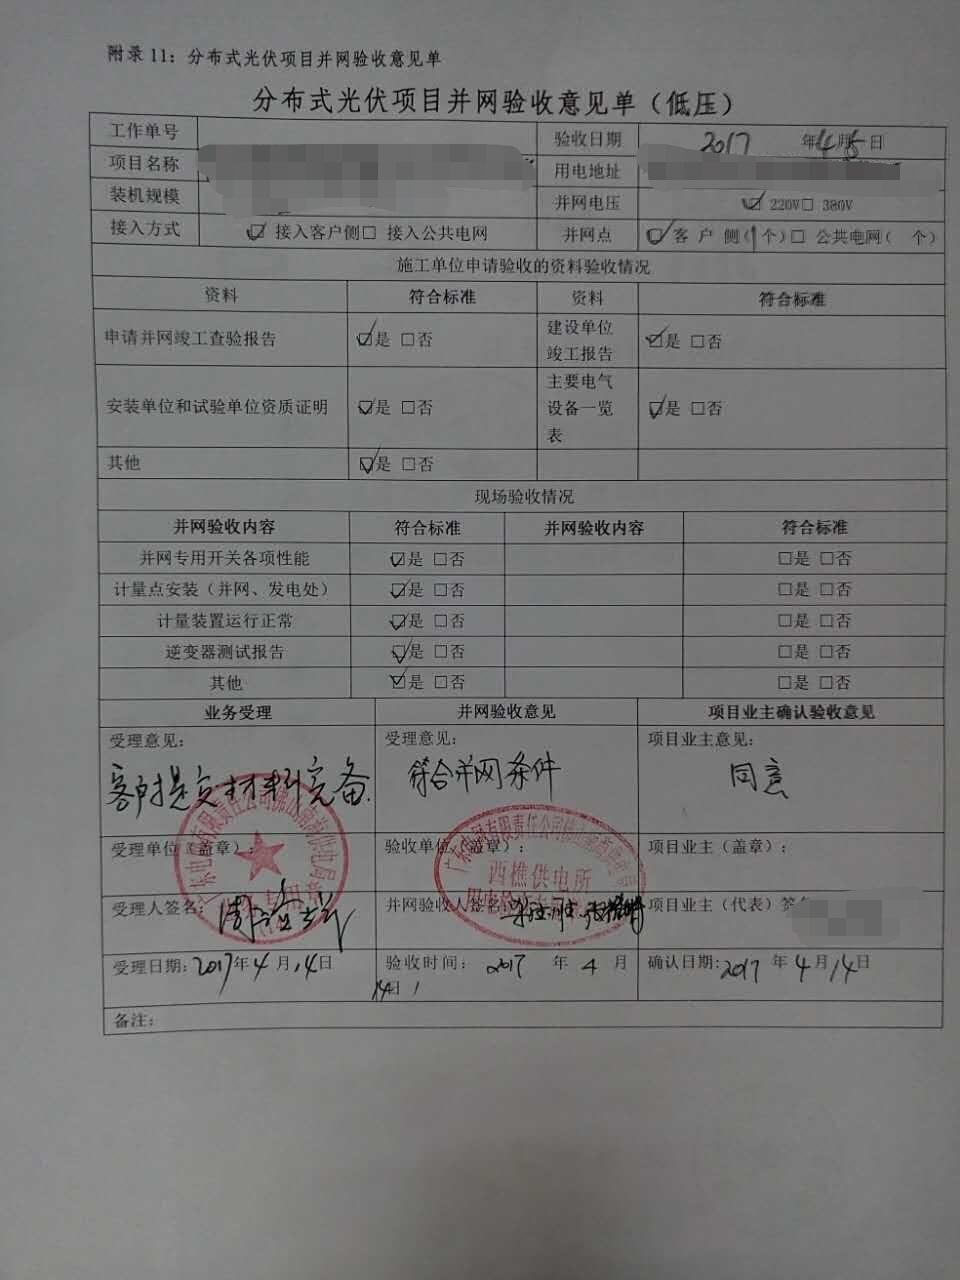 西樵5.5KW光伏电站陈先生-图-QQ图片20170519162129